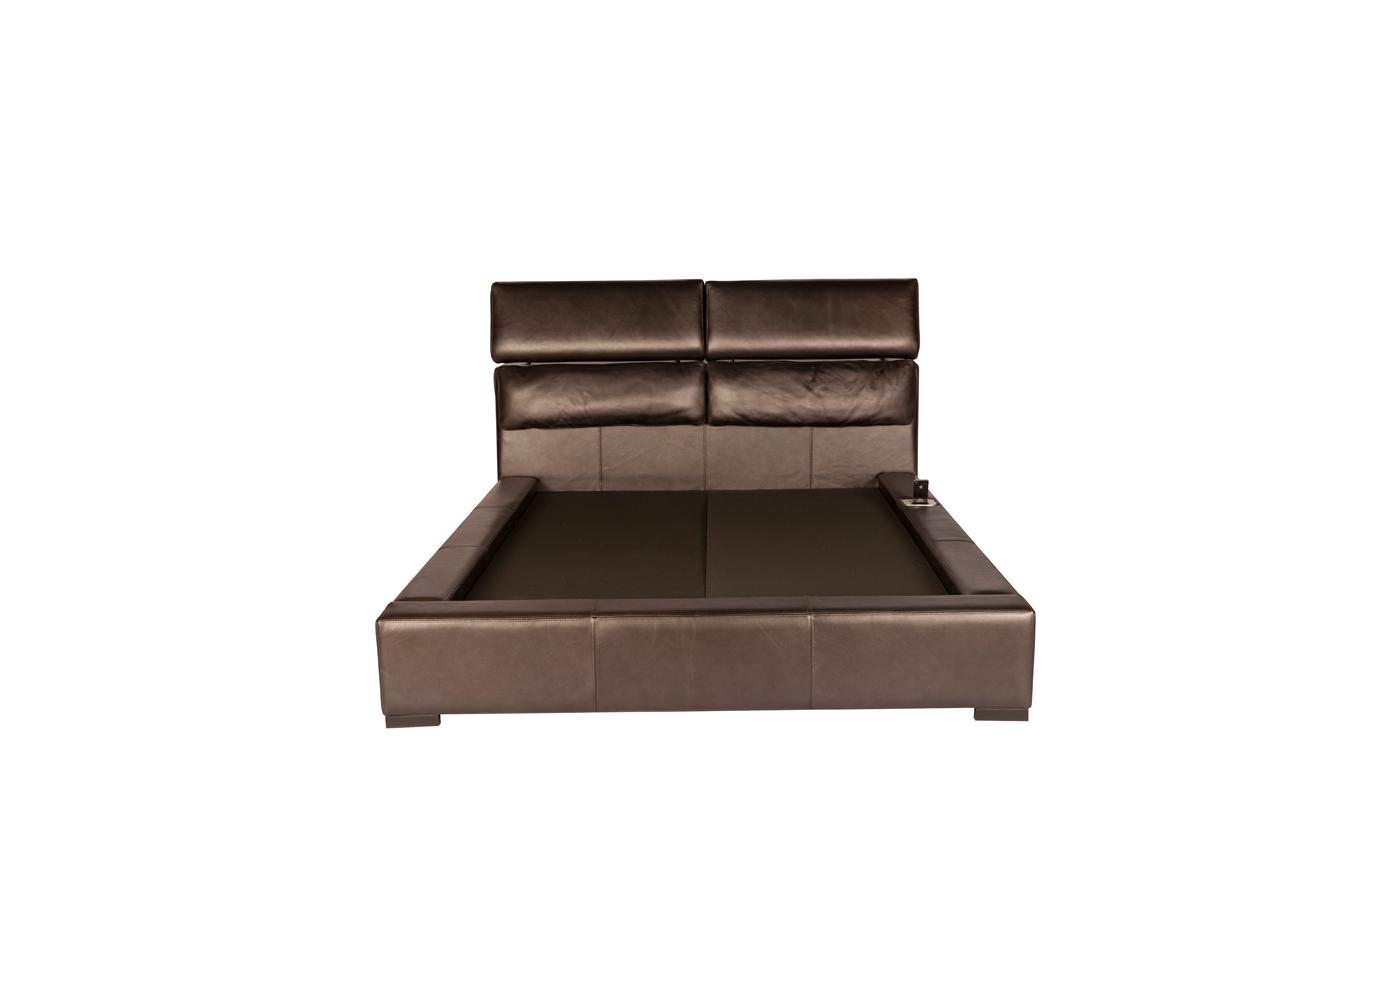 Polanco home furniture interior decor solutions beds for Polanco home furniture interior decor solutions